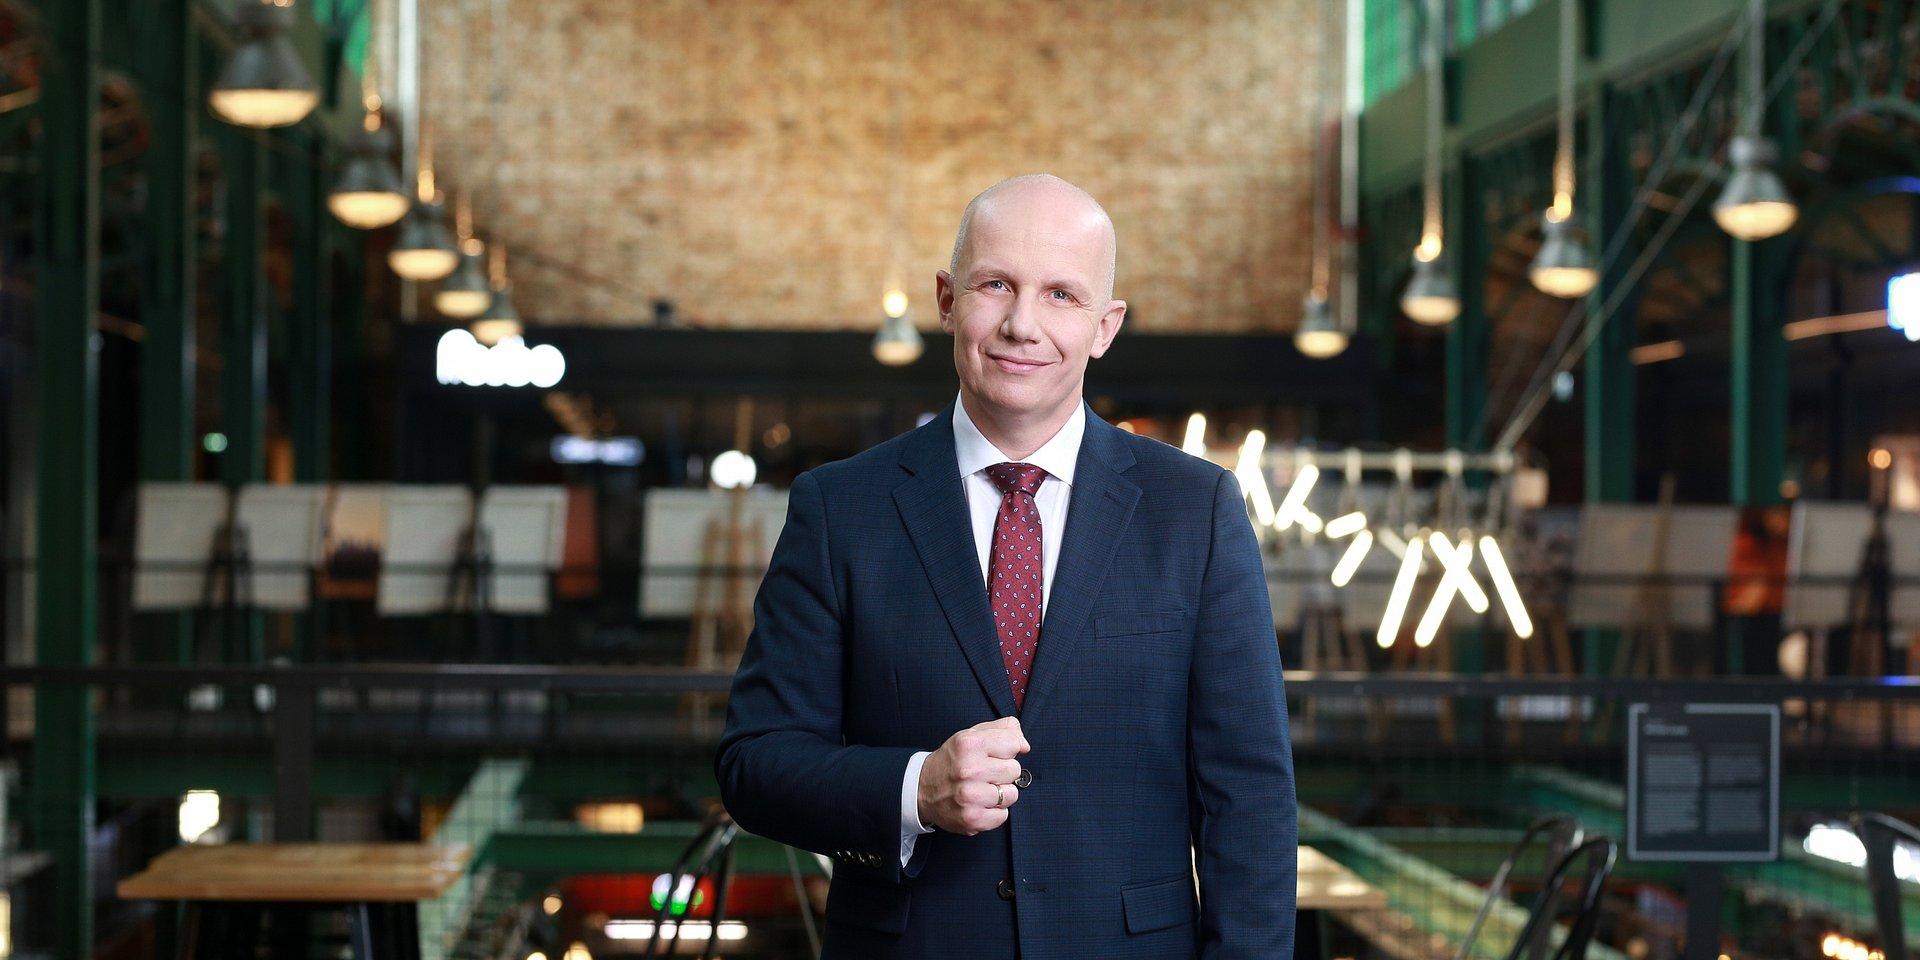 Maciej Kamiński dyrektorem ds. zarządzania nieruchomościami w Globalworth Poland